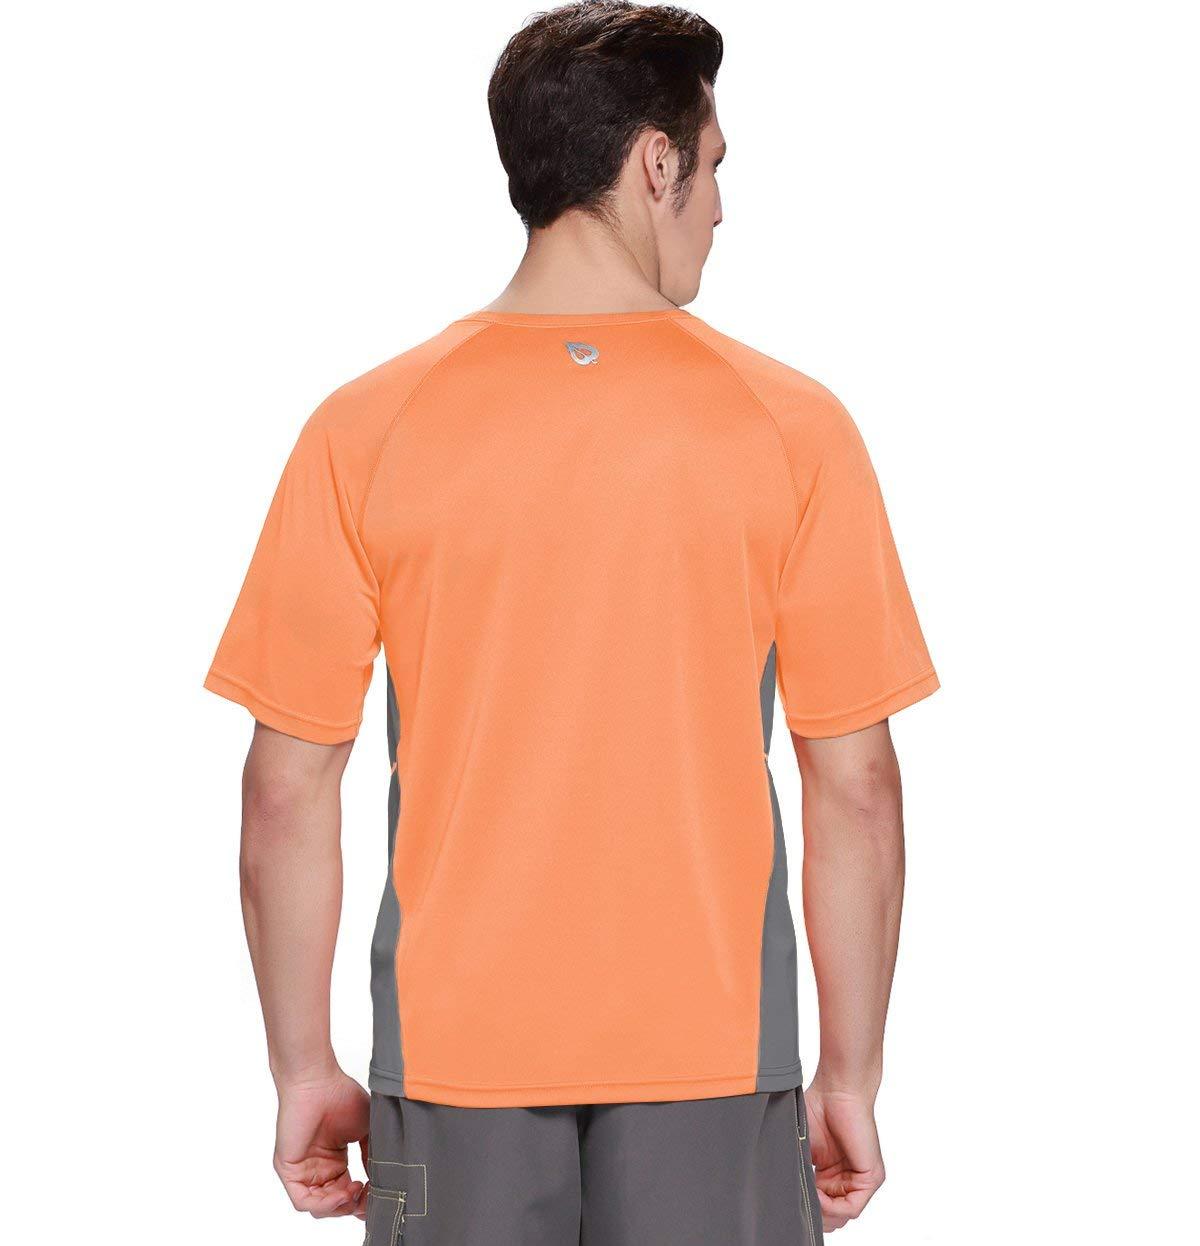 Baleaf Men's Short Sleeve Sun Protection Rashguard Swim Shirt UPF 50+ Fluorescent Orange S by Baleaf (Image #4)